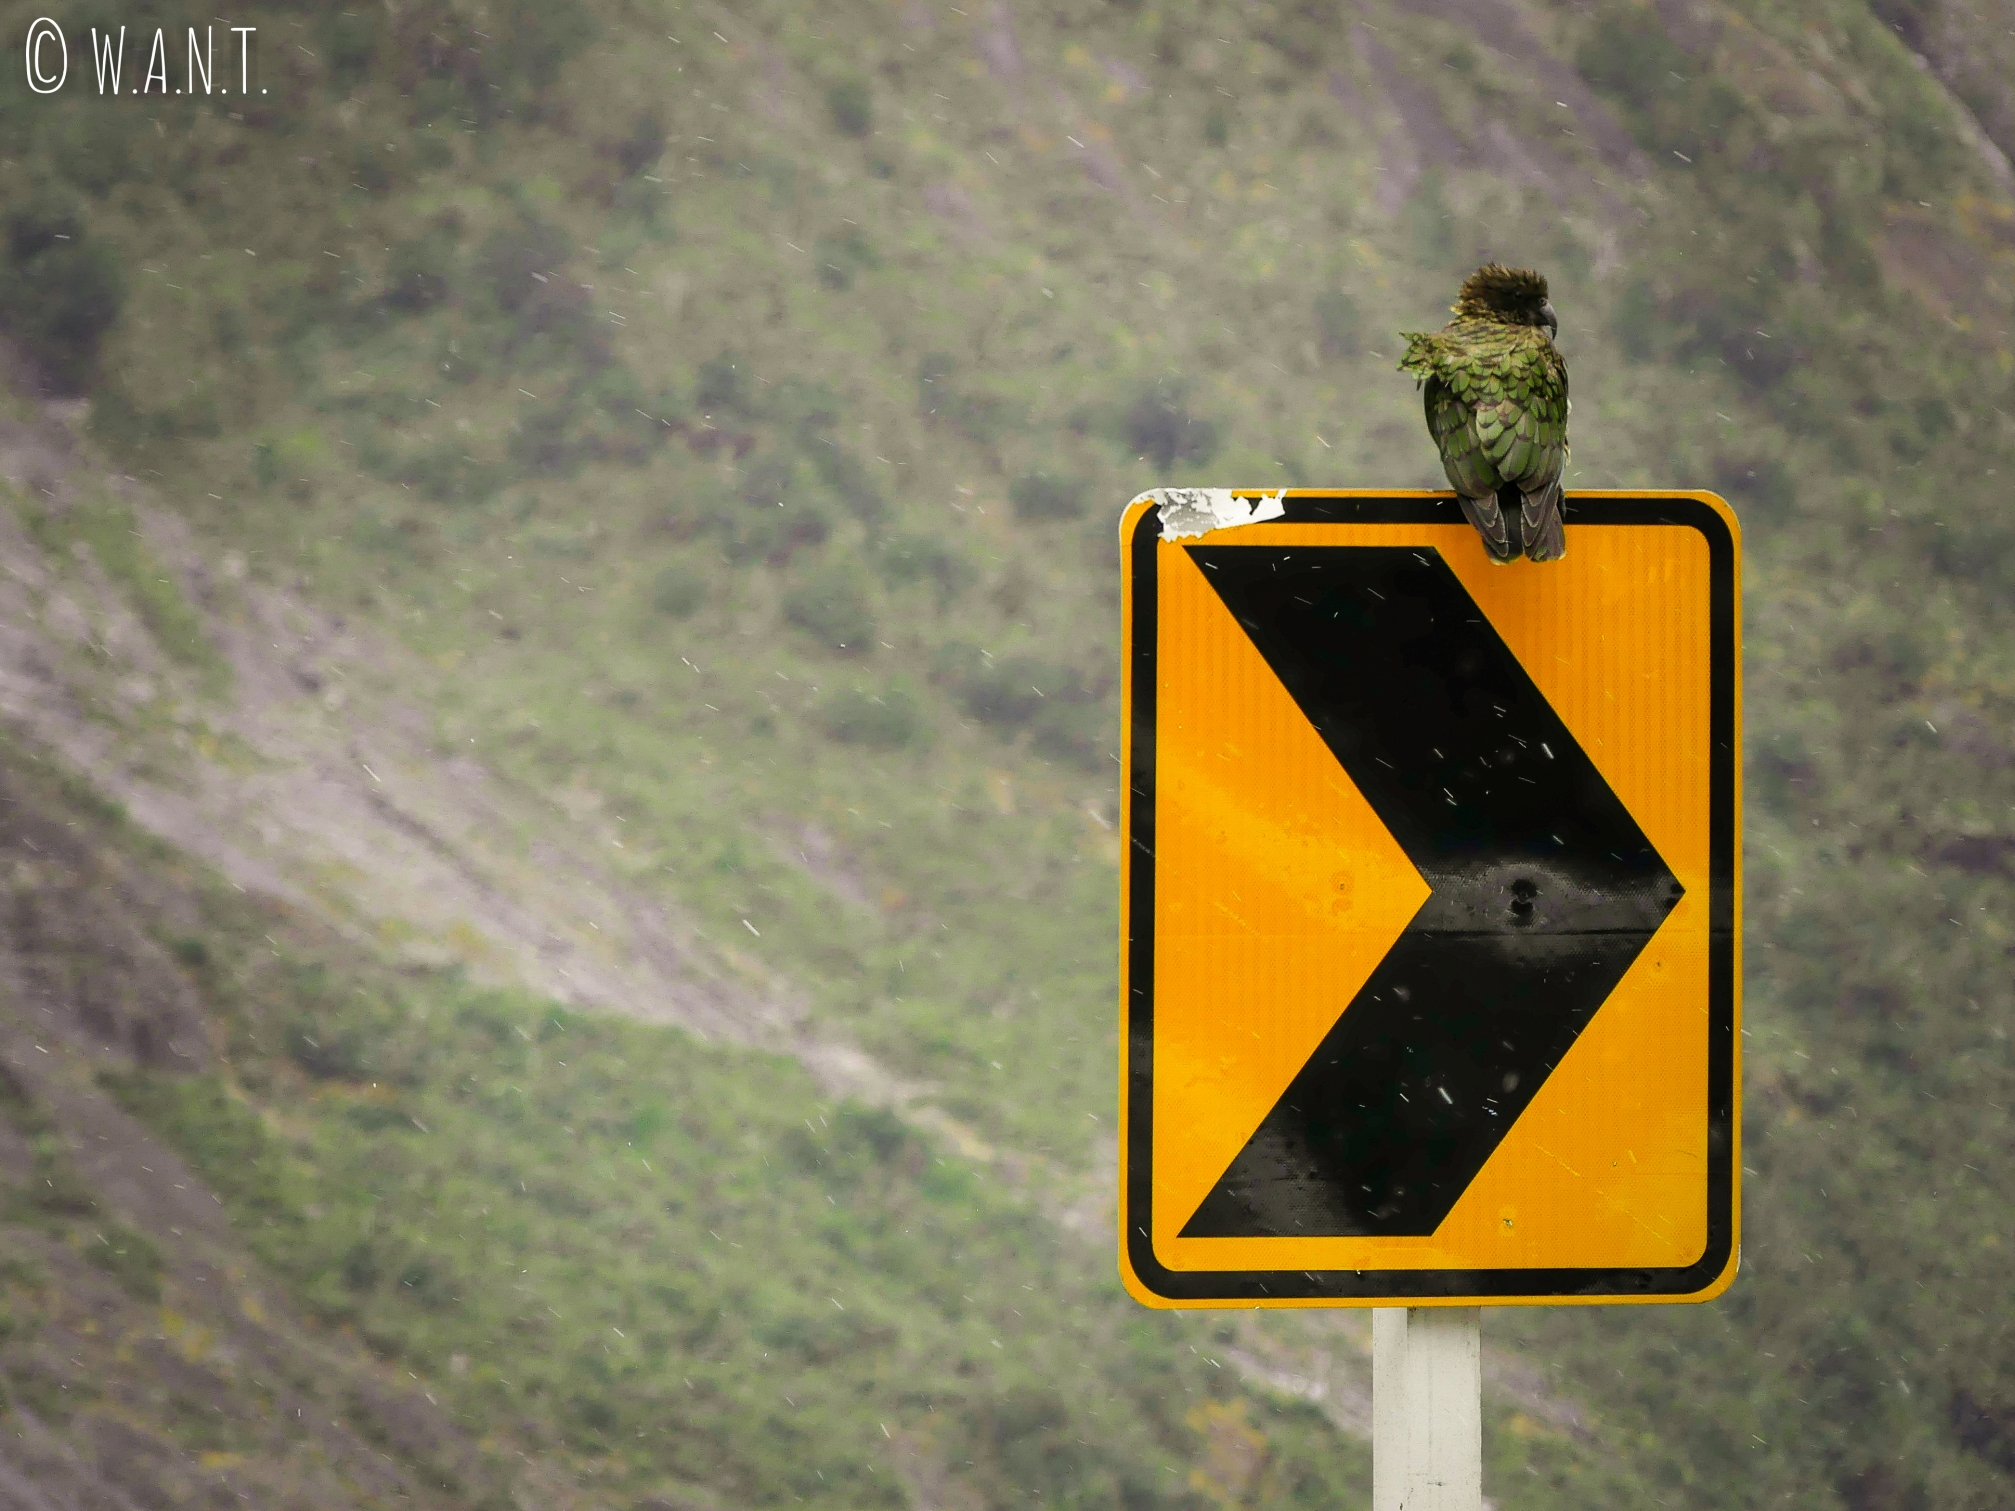 Kéa au Fiordland National Park en Nouvelle-Zélande